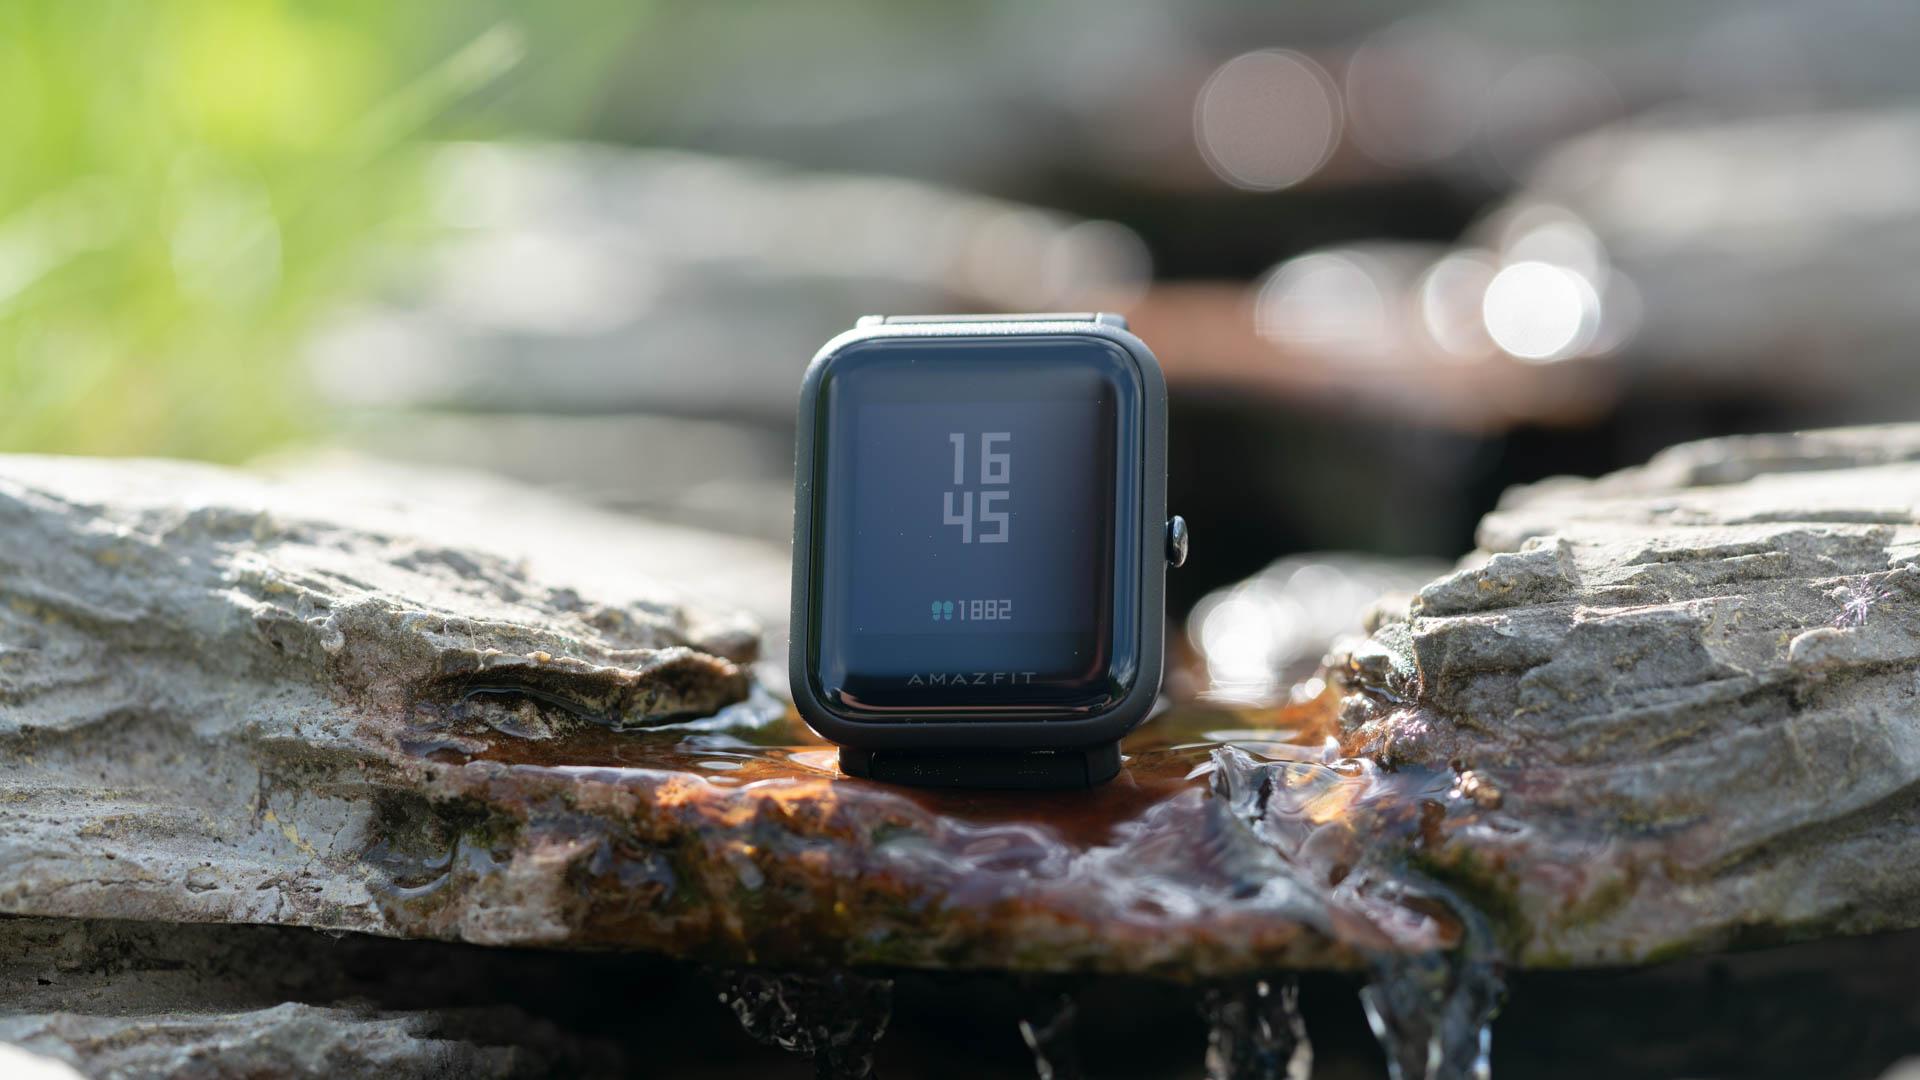 Die Xiaomi Amazfit Bip Watch Smartwatch Im Test Techtest Huami Ist Fr Rund 60 80 Handel Erhltlich Und Soll Eine Akkulaufzeit Von Bis Zu 45 Tagen Bieten Integriertes Gps